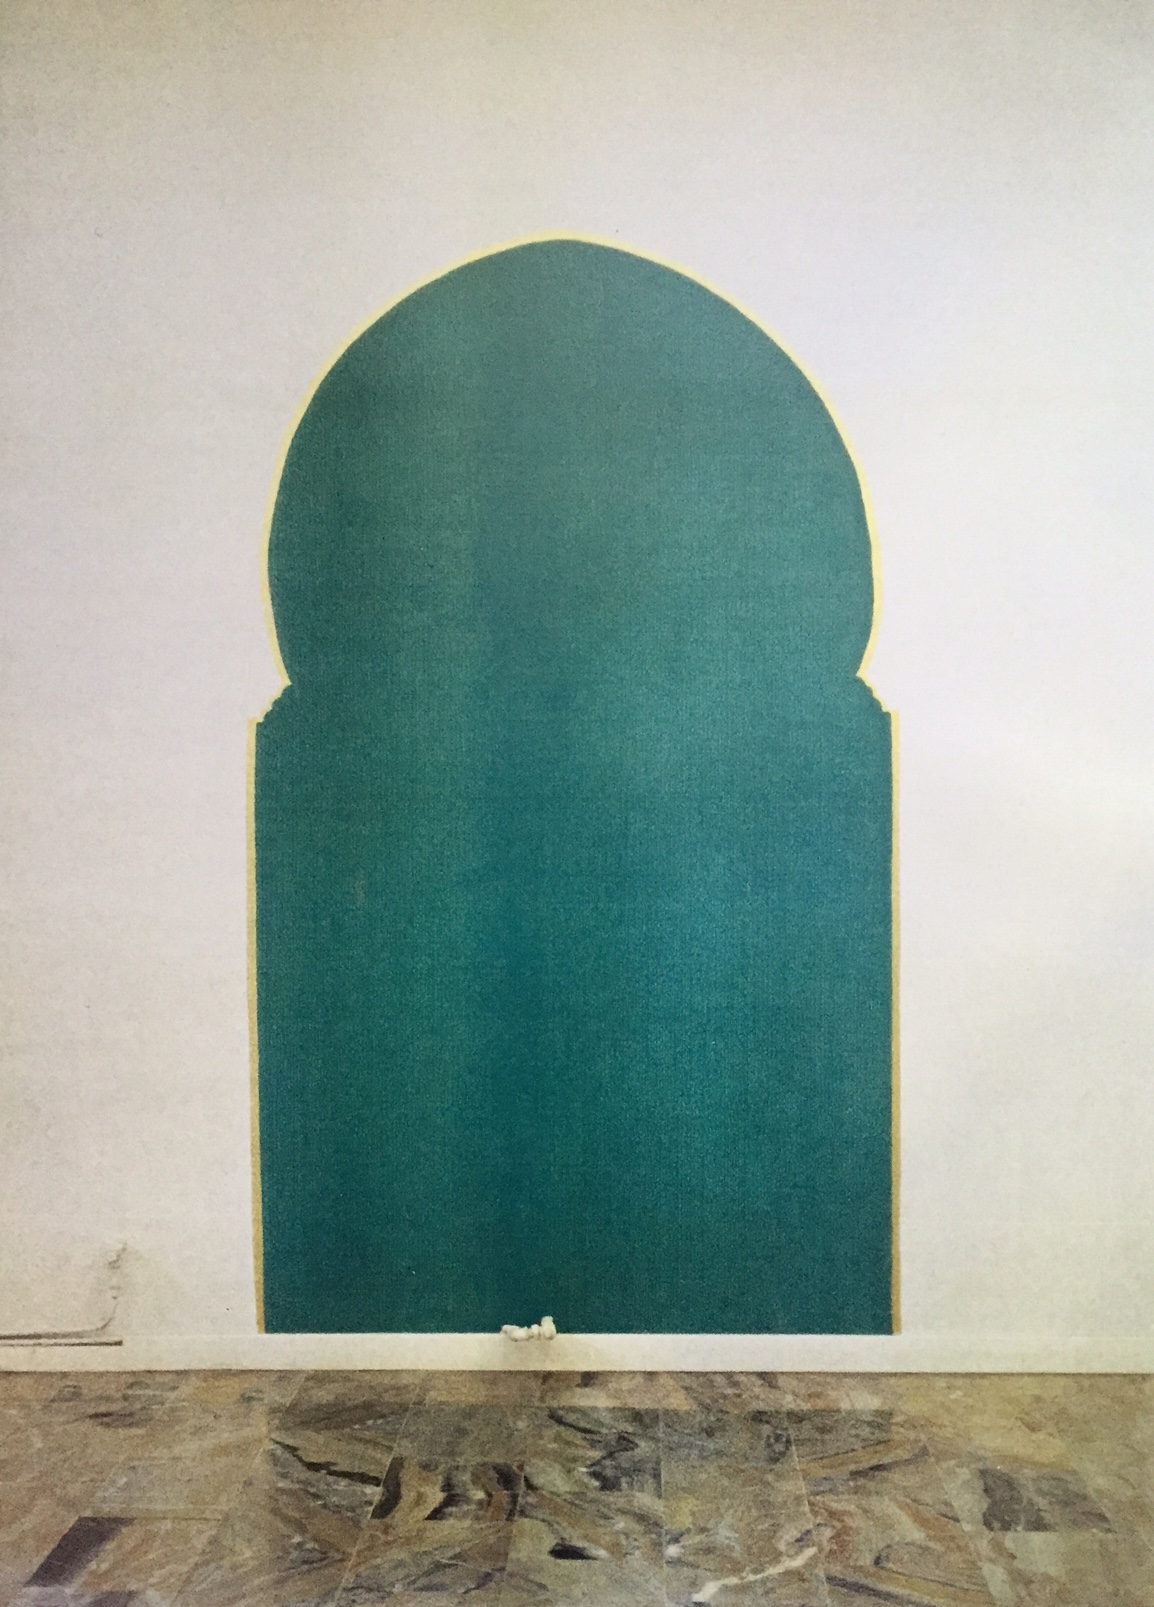 pittura acrilica su muro e foglia d'oro